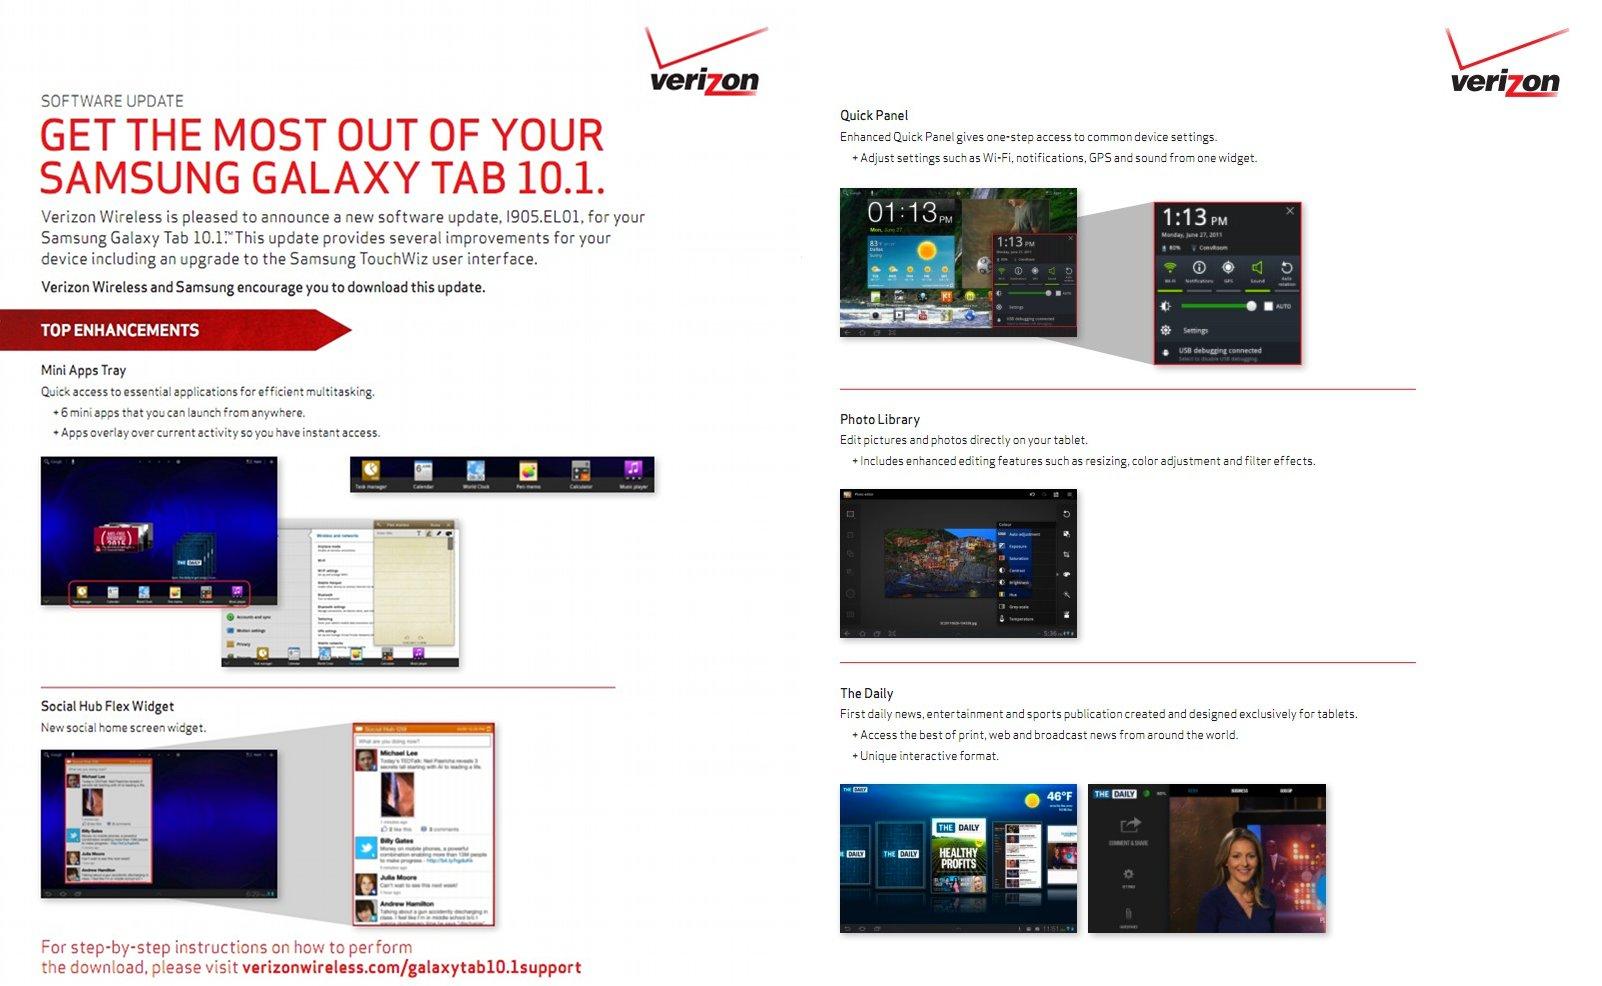 Samsung Galaxy Tab 10 1 4G LTE EL01 Update is Ready, TouchWiz for